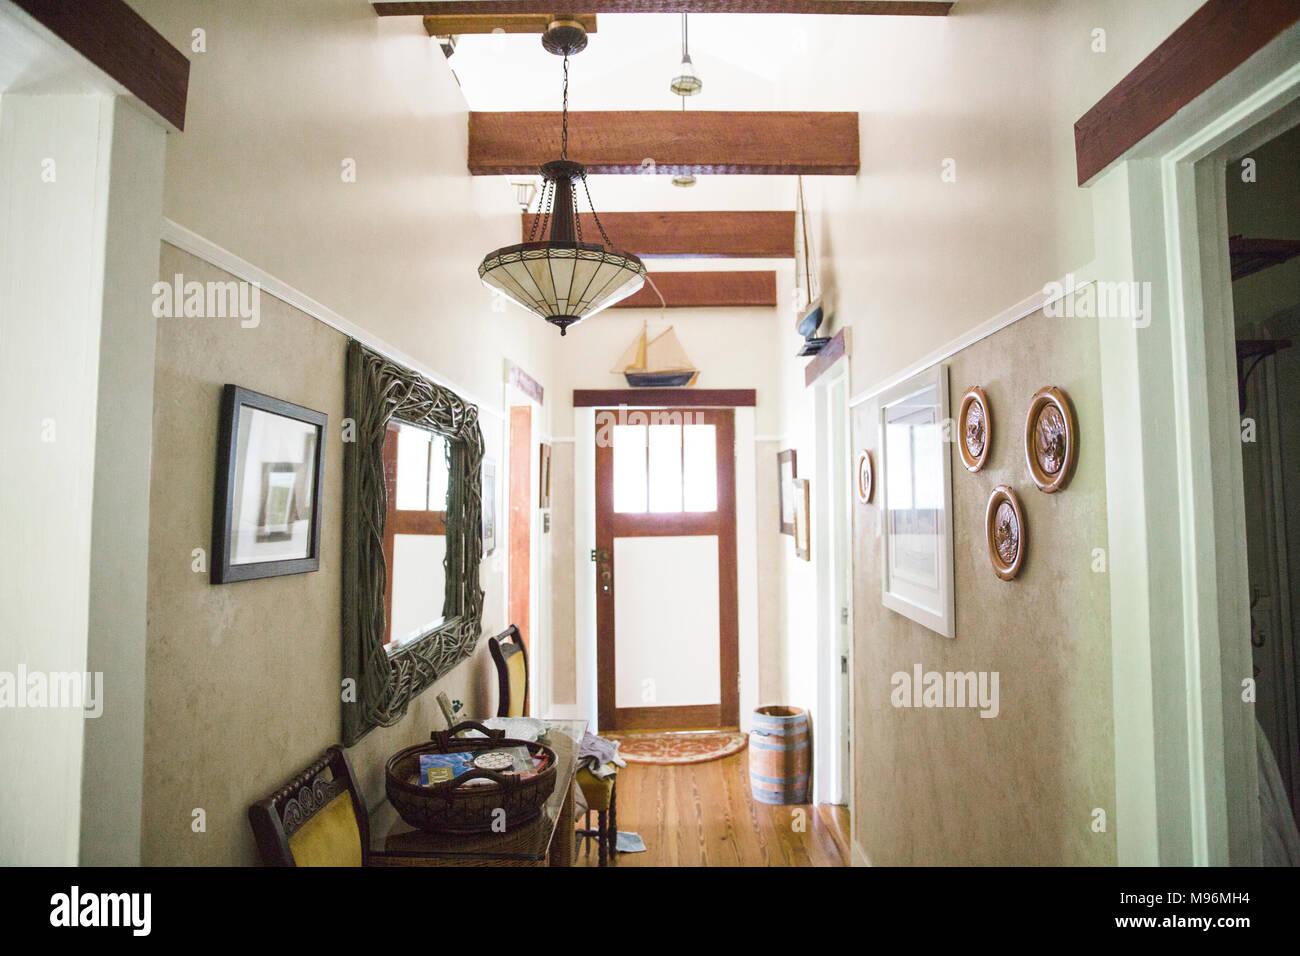 Couloir/Entrée dans maison familiale Photo Stock